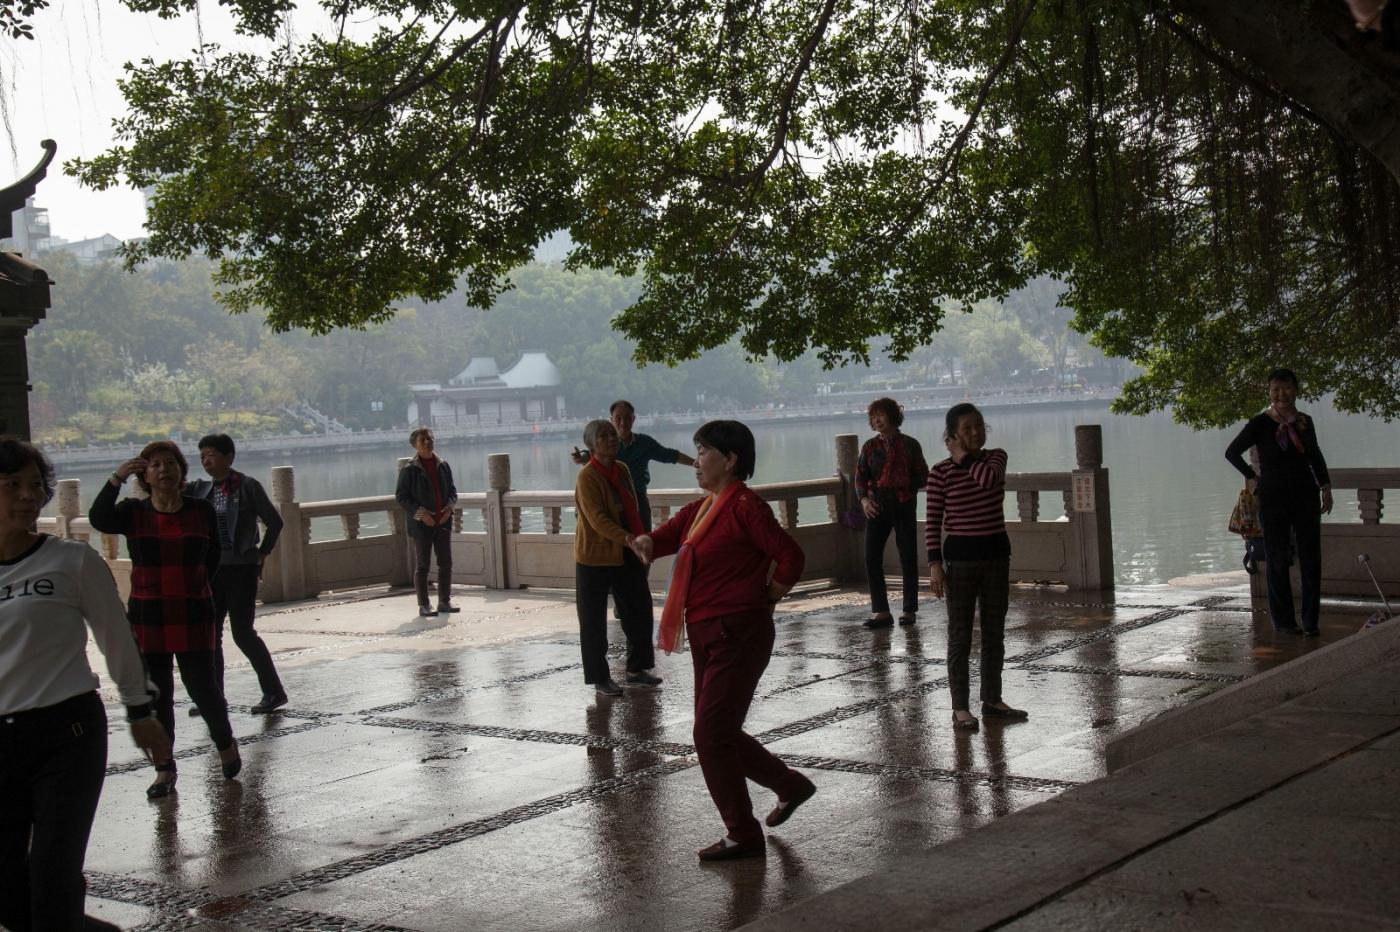 福州西湖公园,美景如画,赏心悦目,流连忘返_图1-14